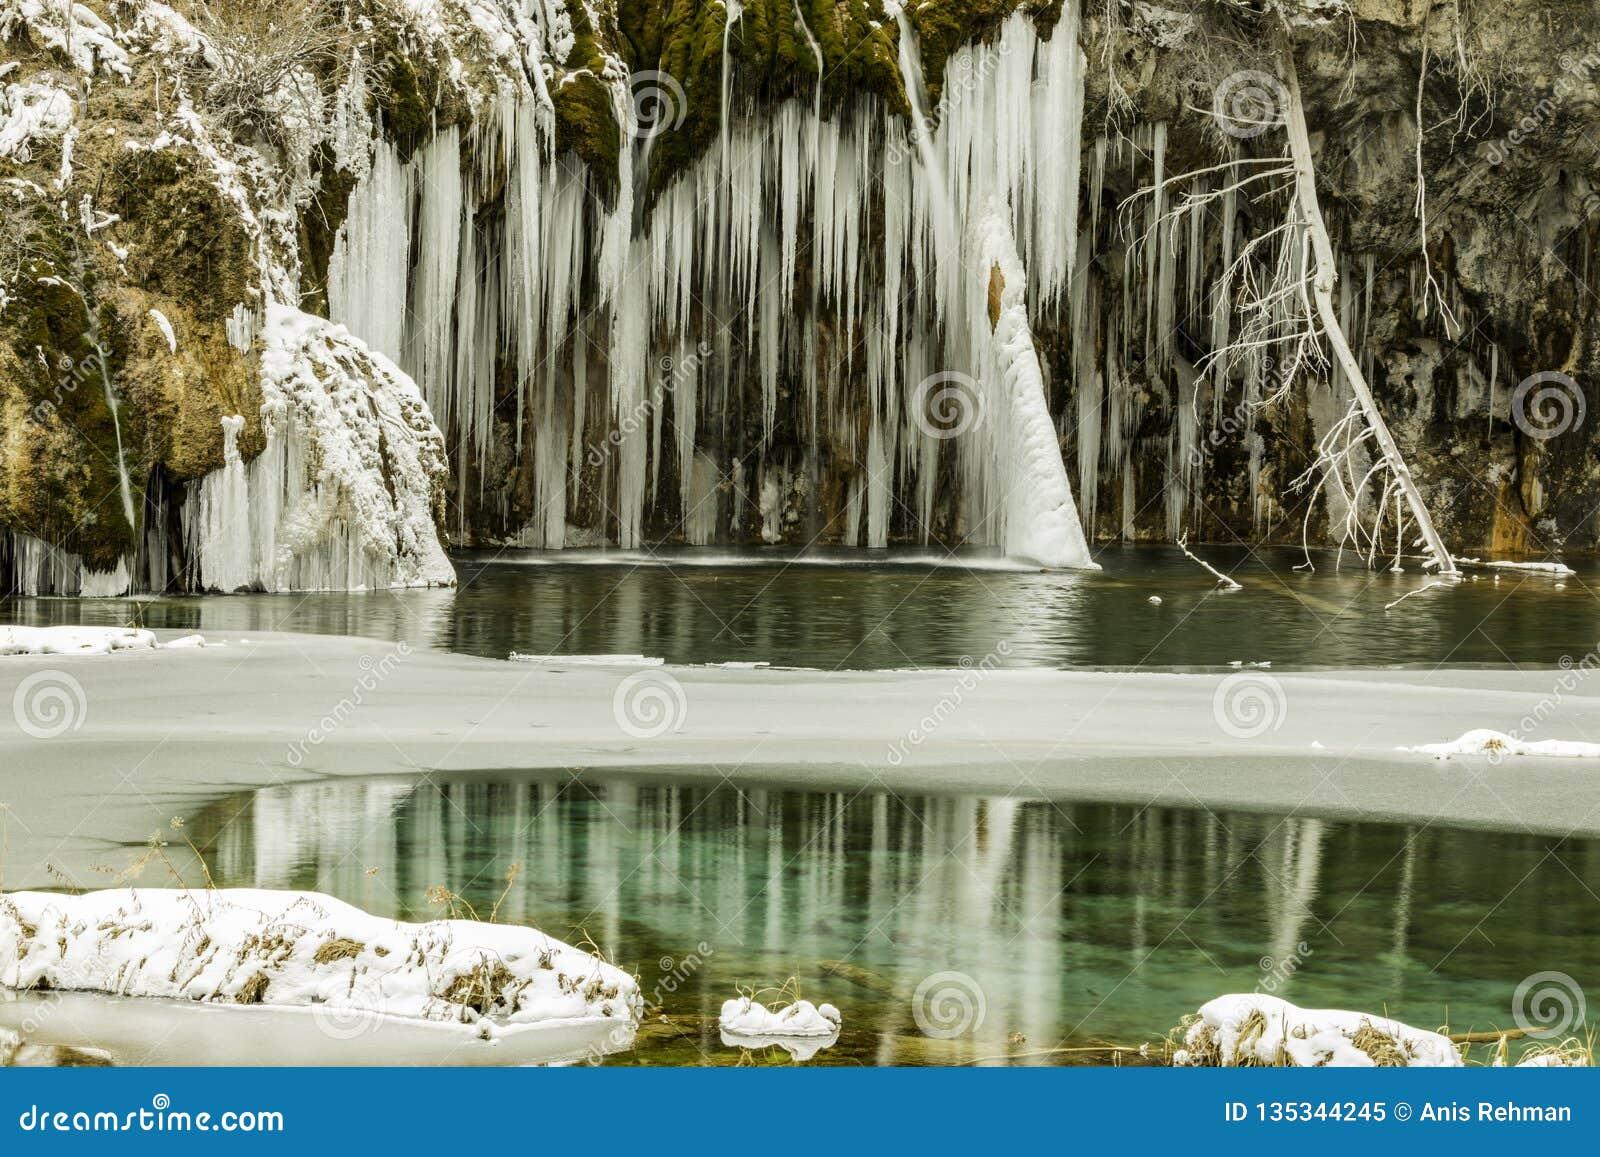 Lago, reflexões, fuga de natureza, inverno, congelado, frio, Colorado